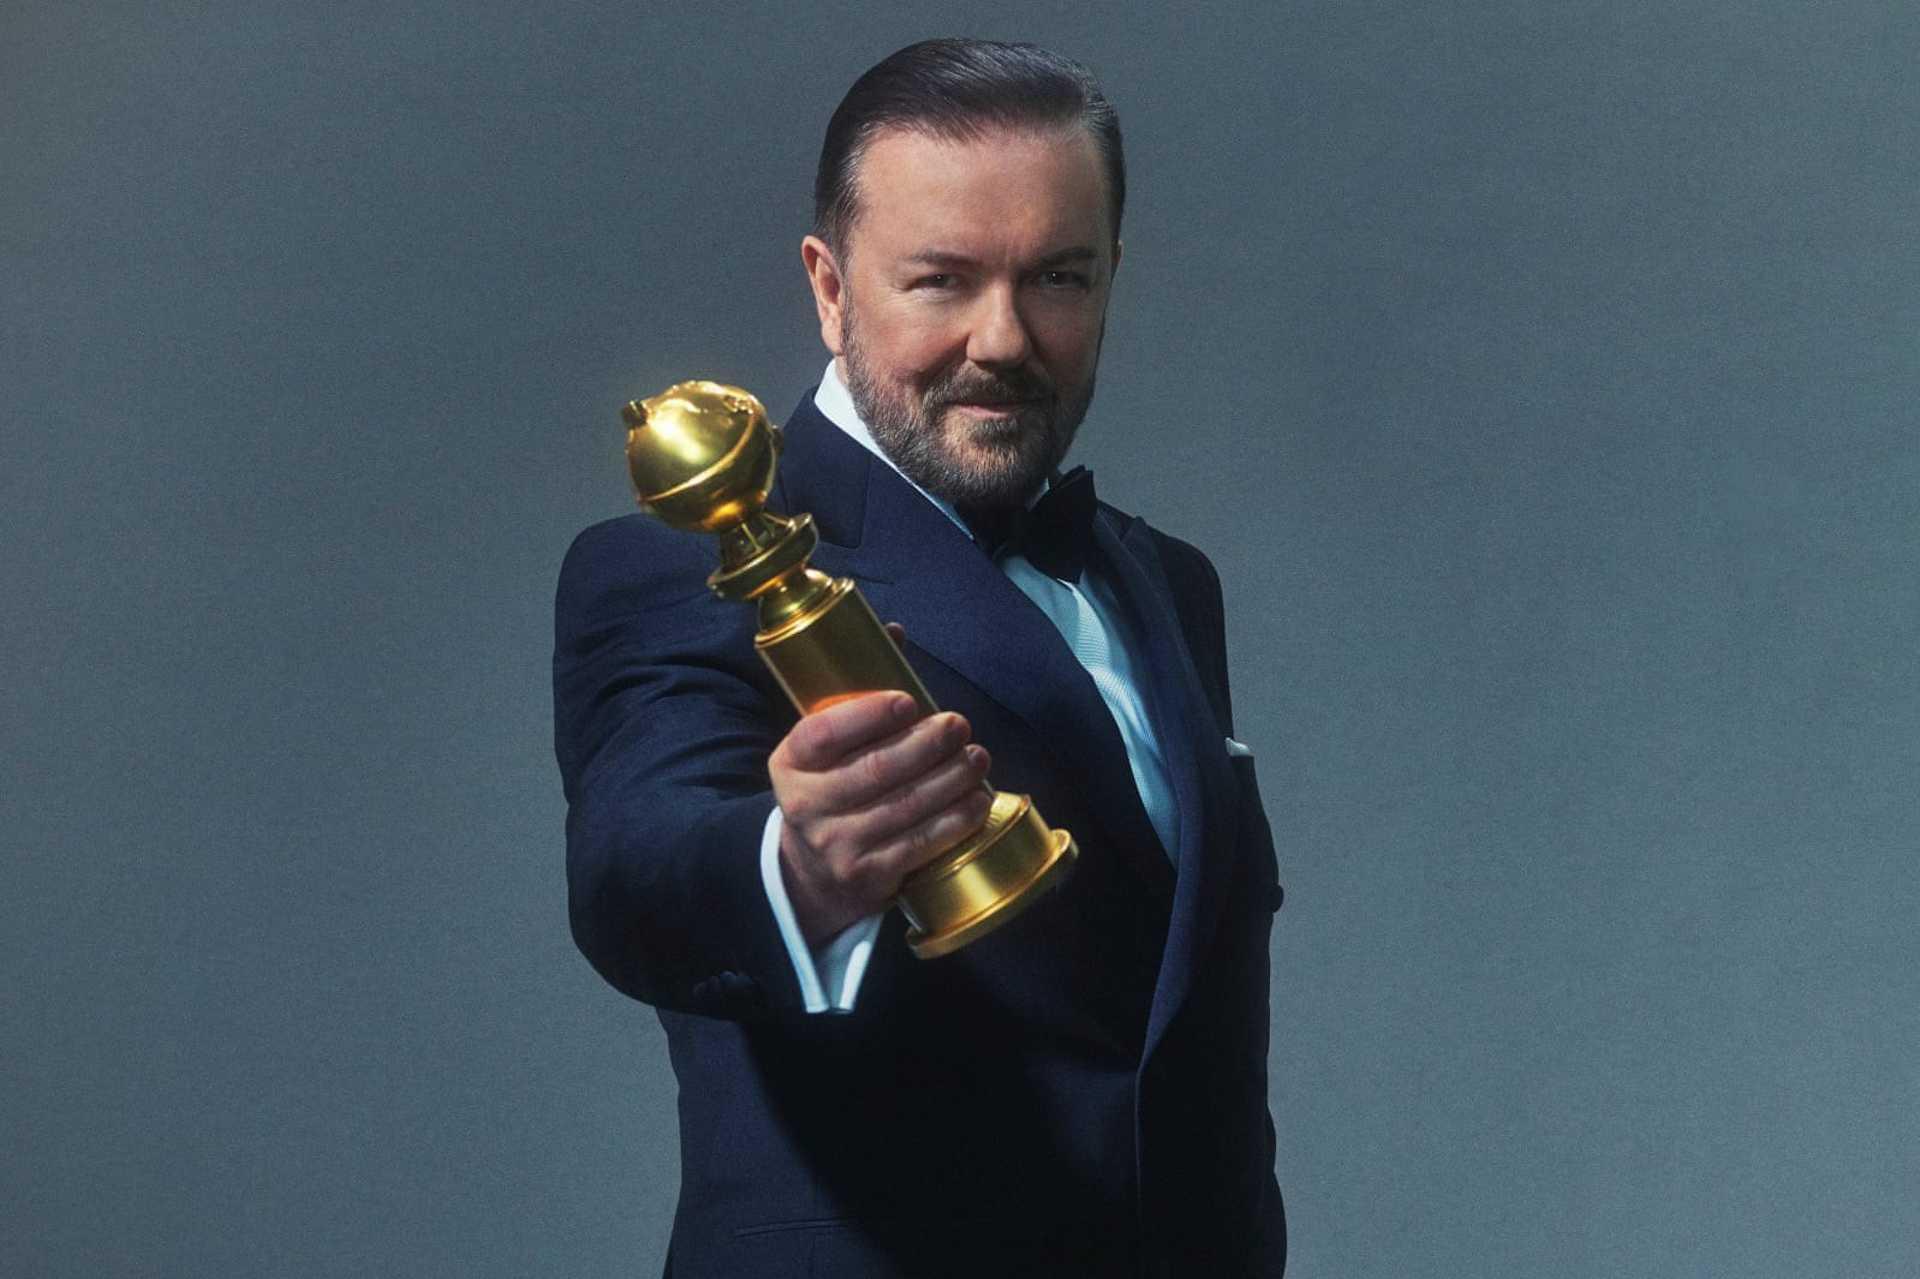 Az est házigazdája, Ricky Gervais